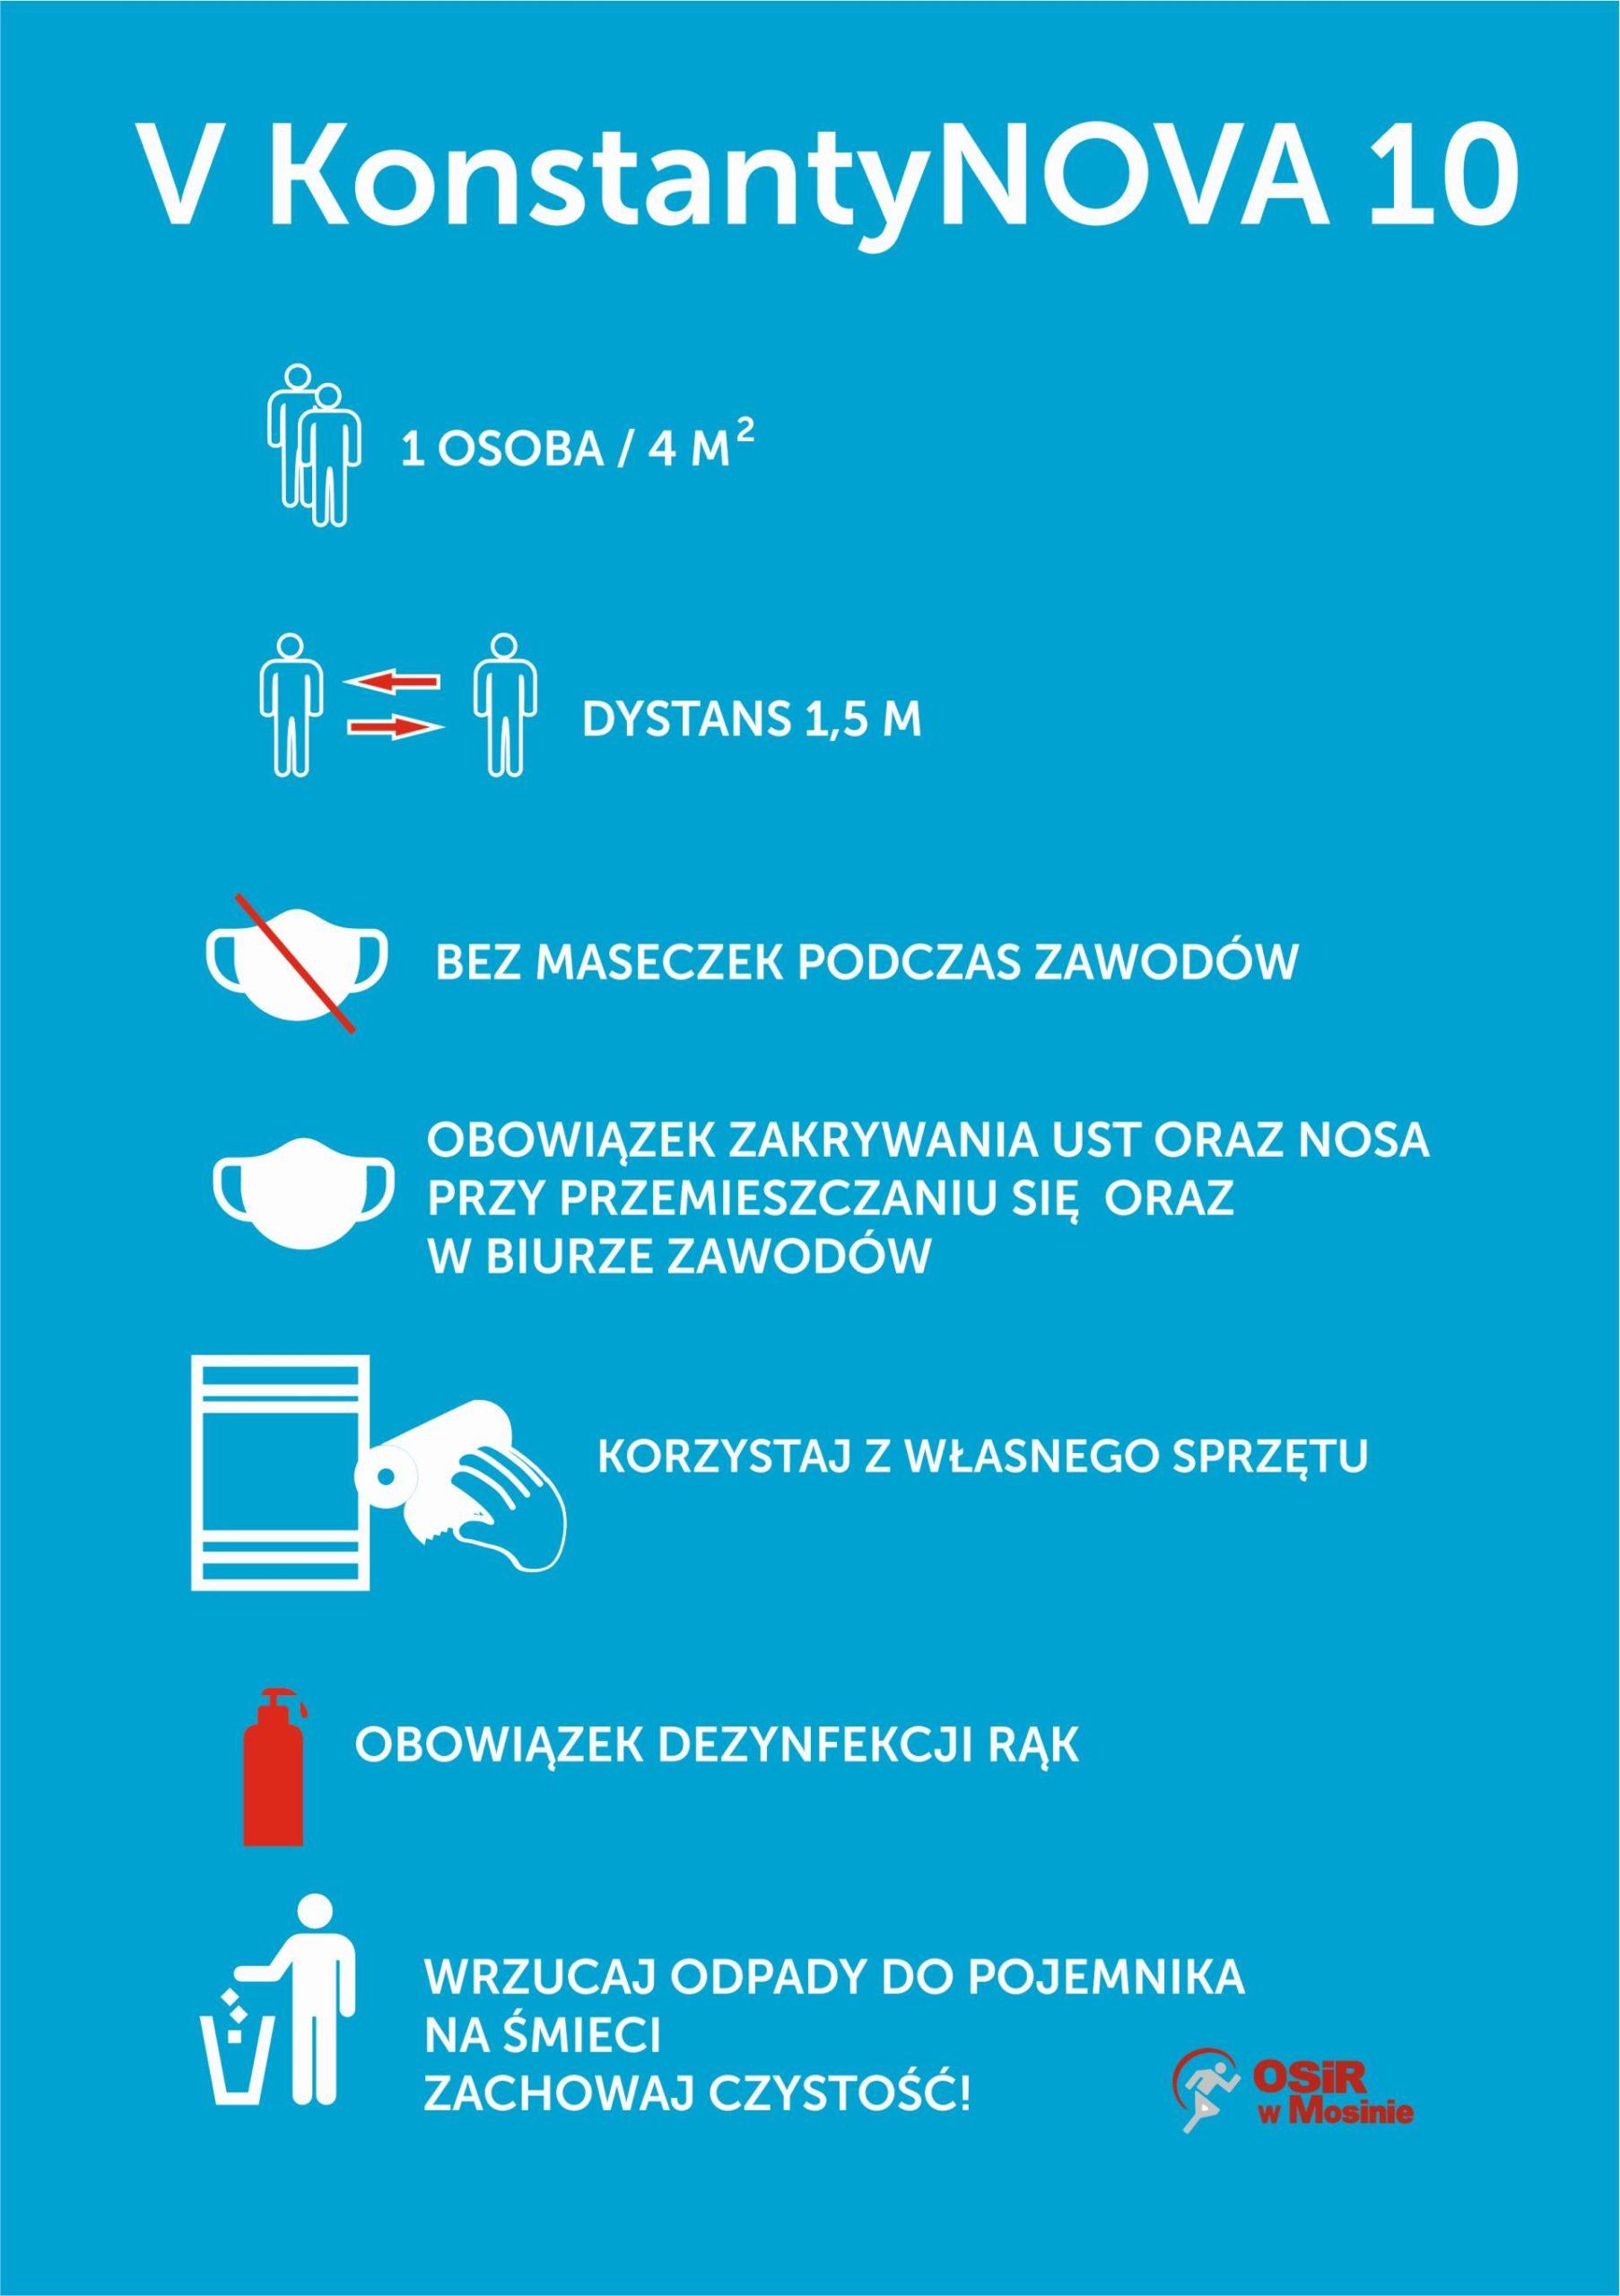 Zasady bezpieczeństwa obowiązujące podczas biegu V Konstantynova dycha w dniu 11.10.2020 r.